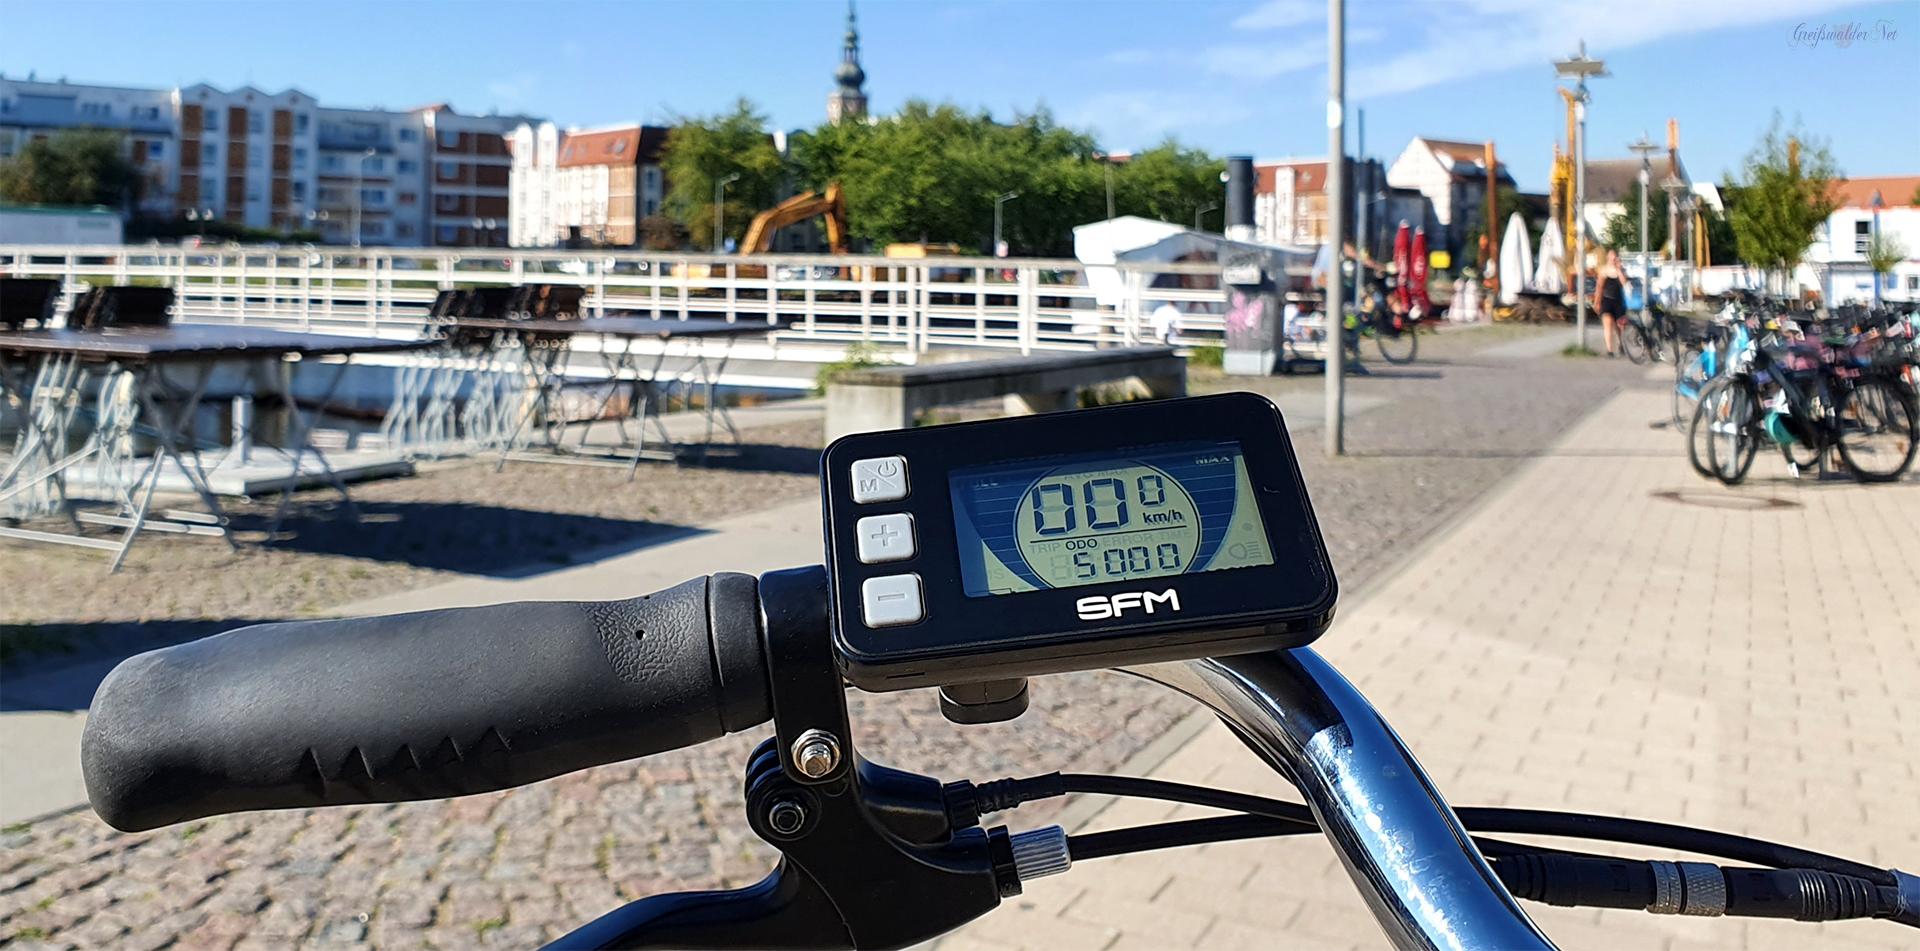 5.000 km insgesamt mit dem Pedelec gefahren